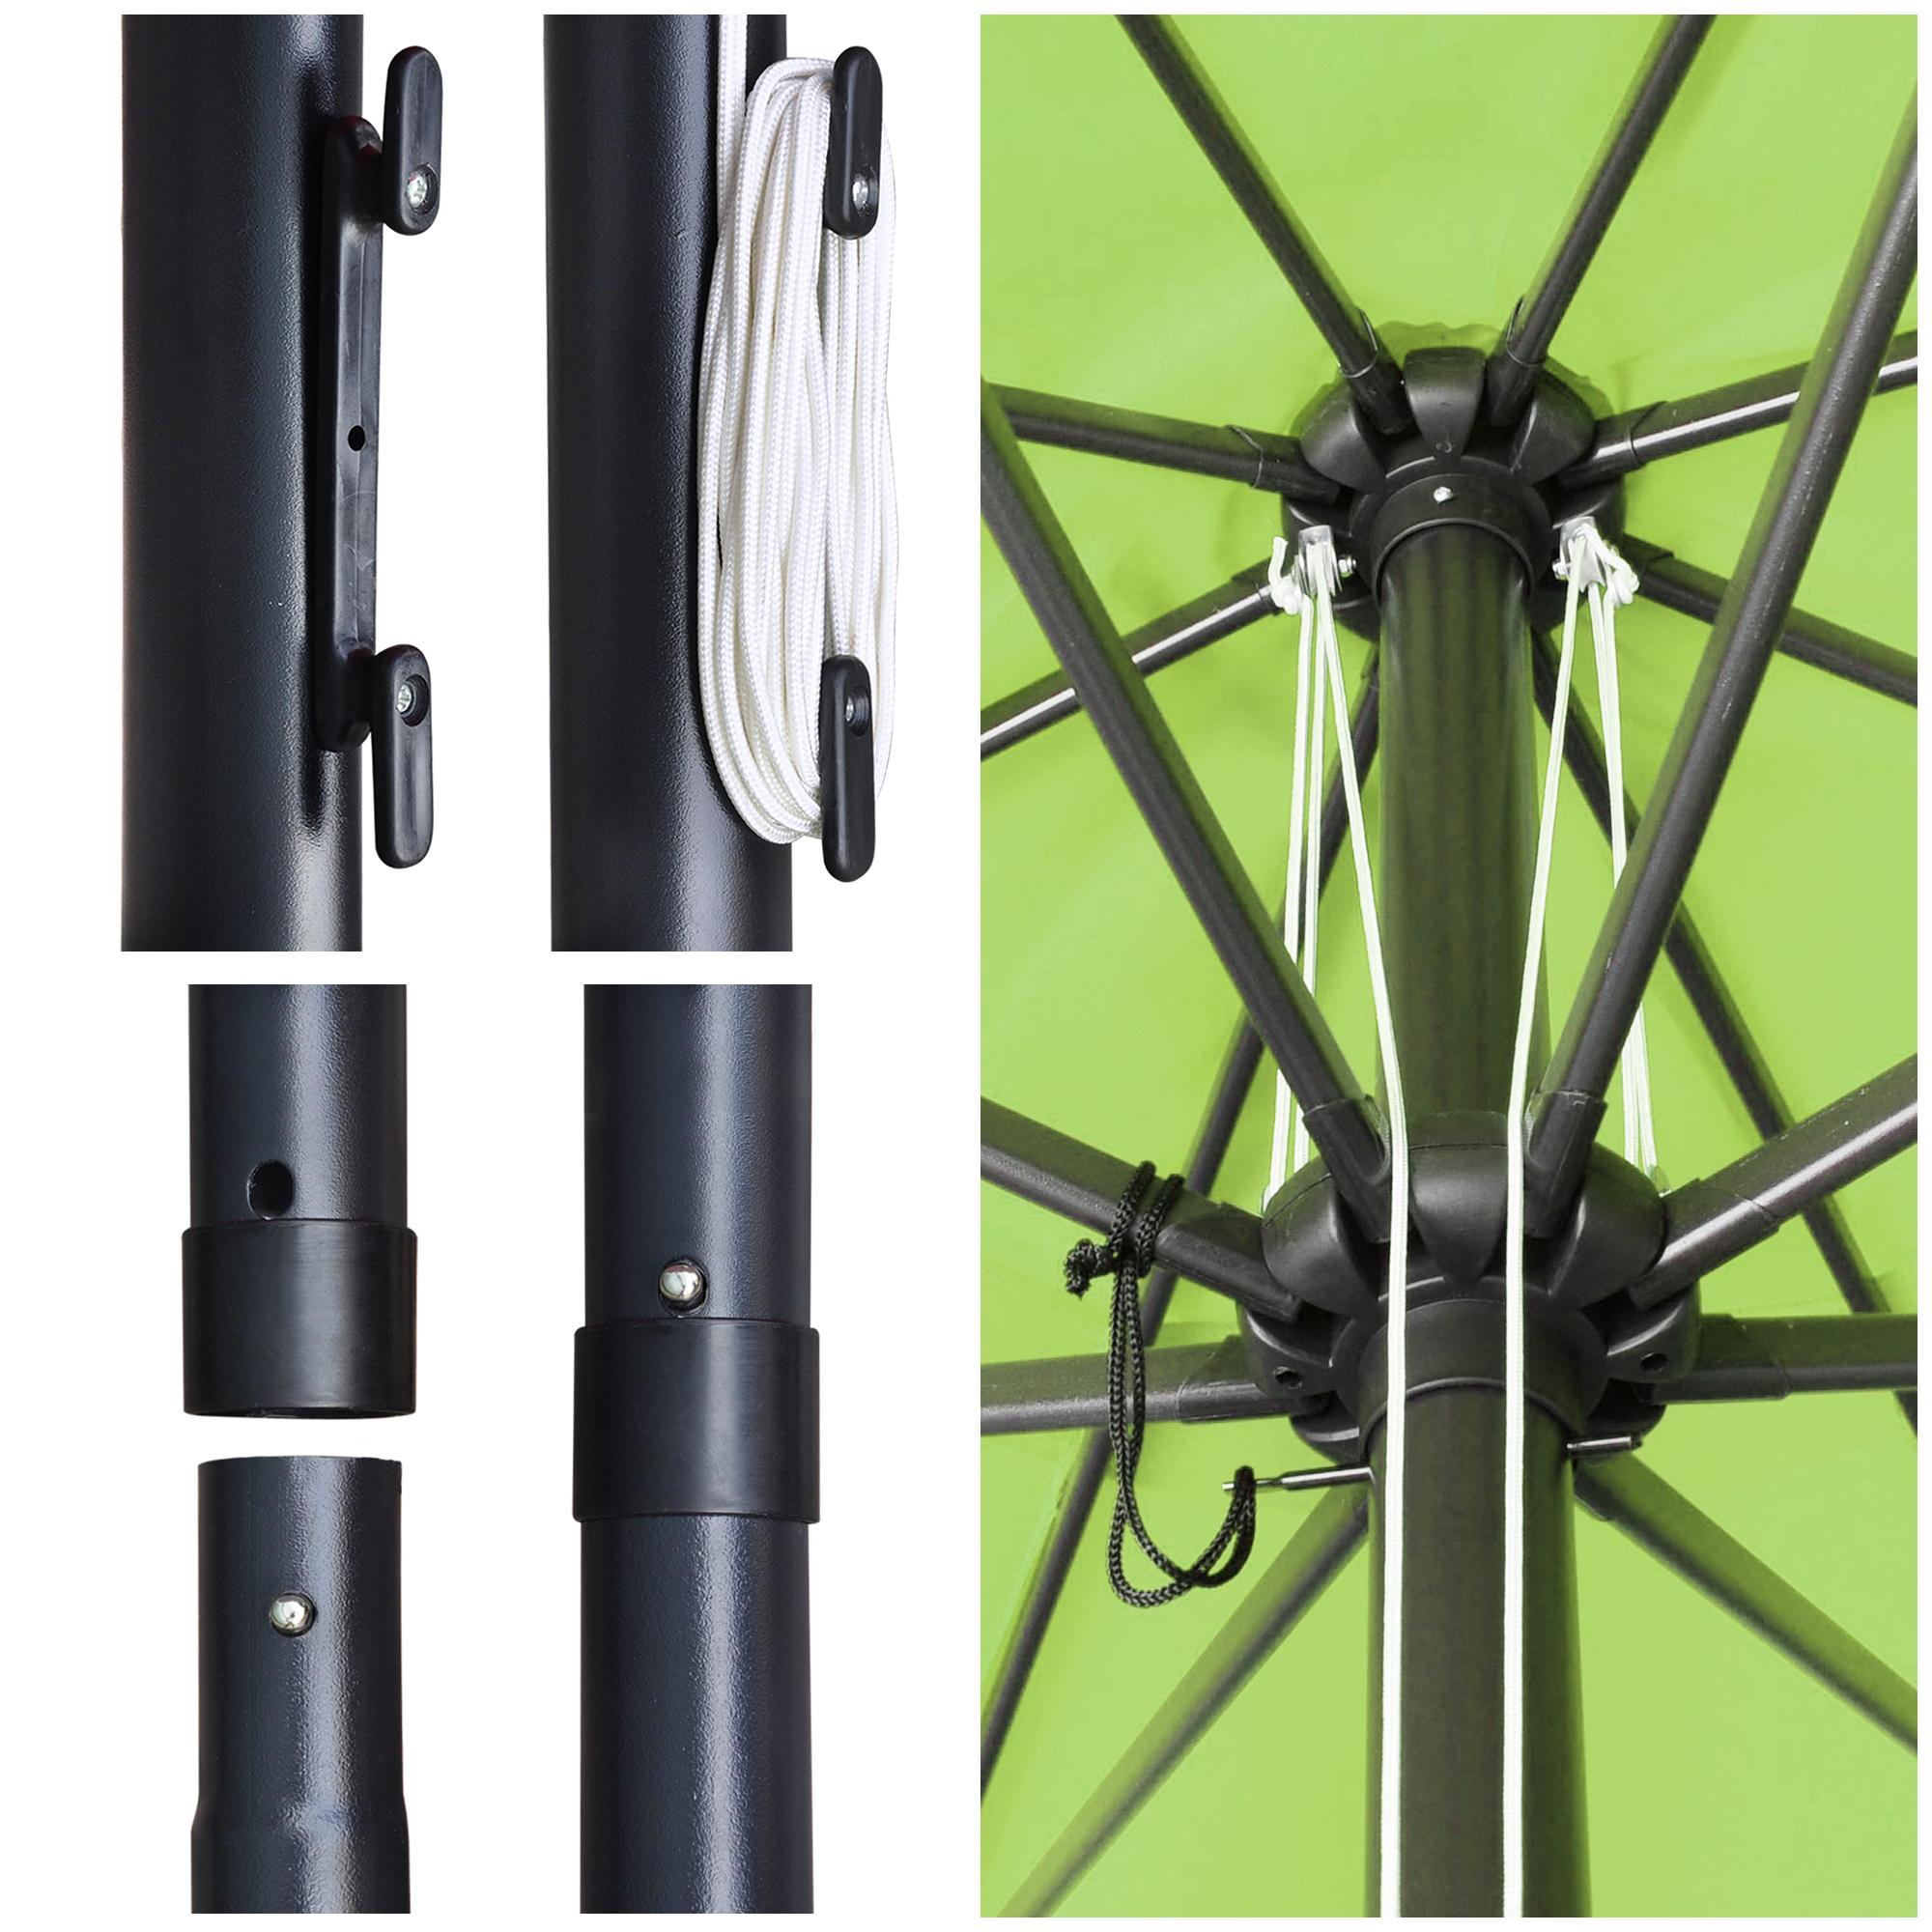 thumbnail 20 - 13' FT Sun Shade Patio Aluminum Umbrella UV30+ Outdoor Market Garden Beach Deck